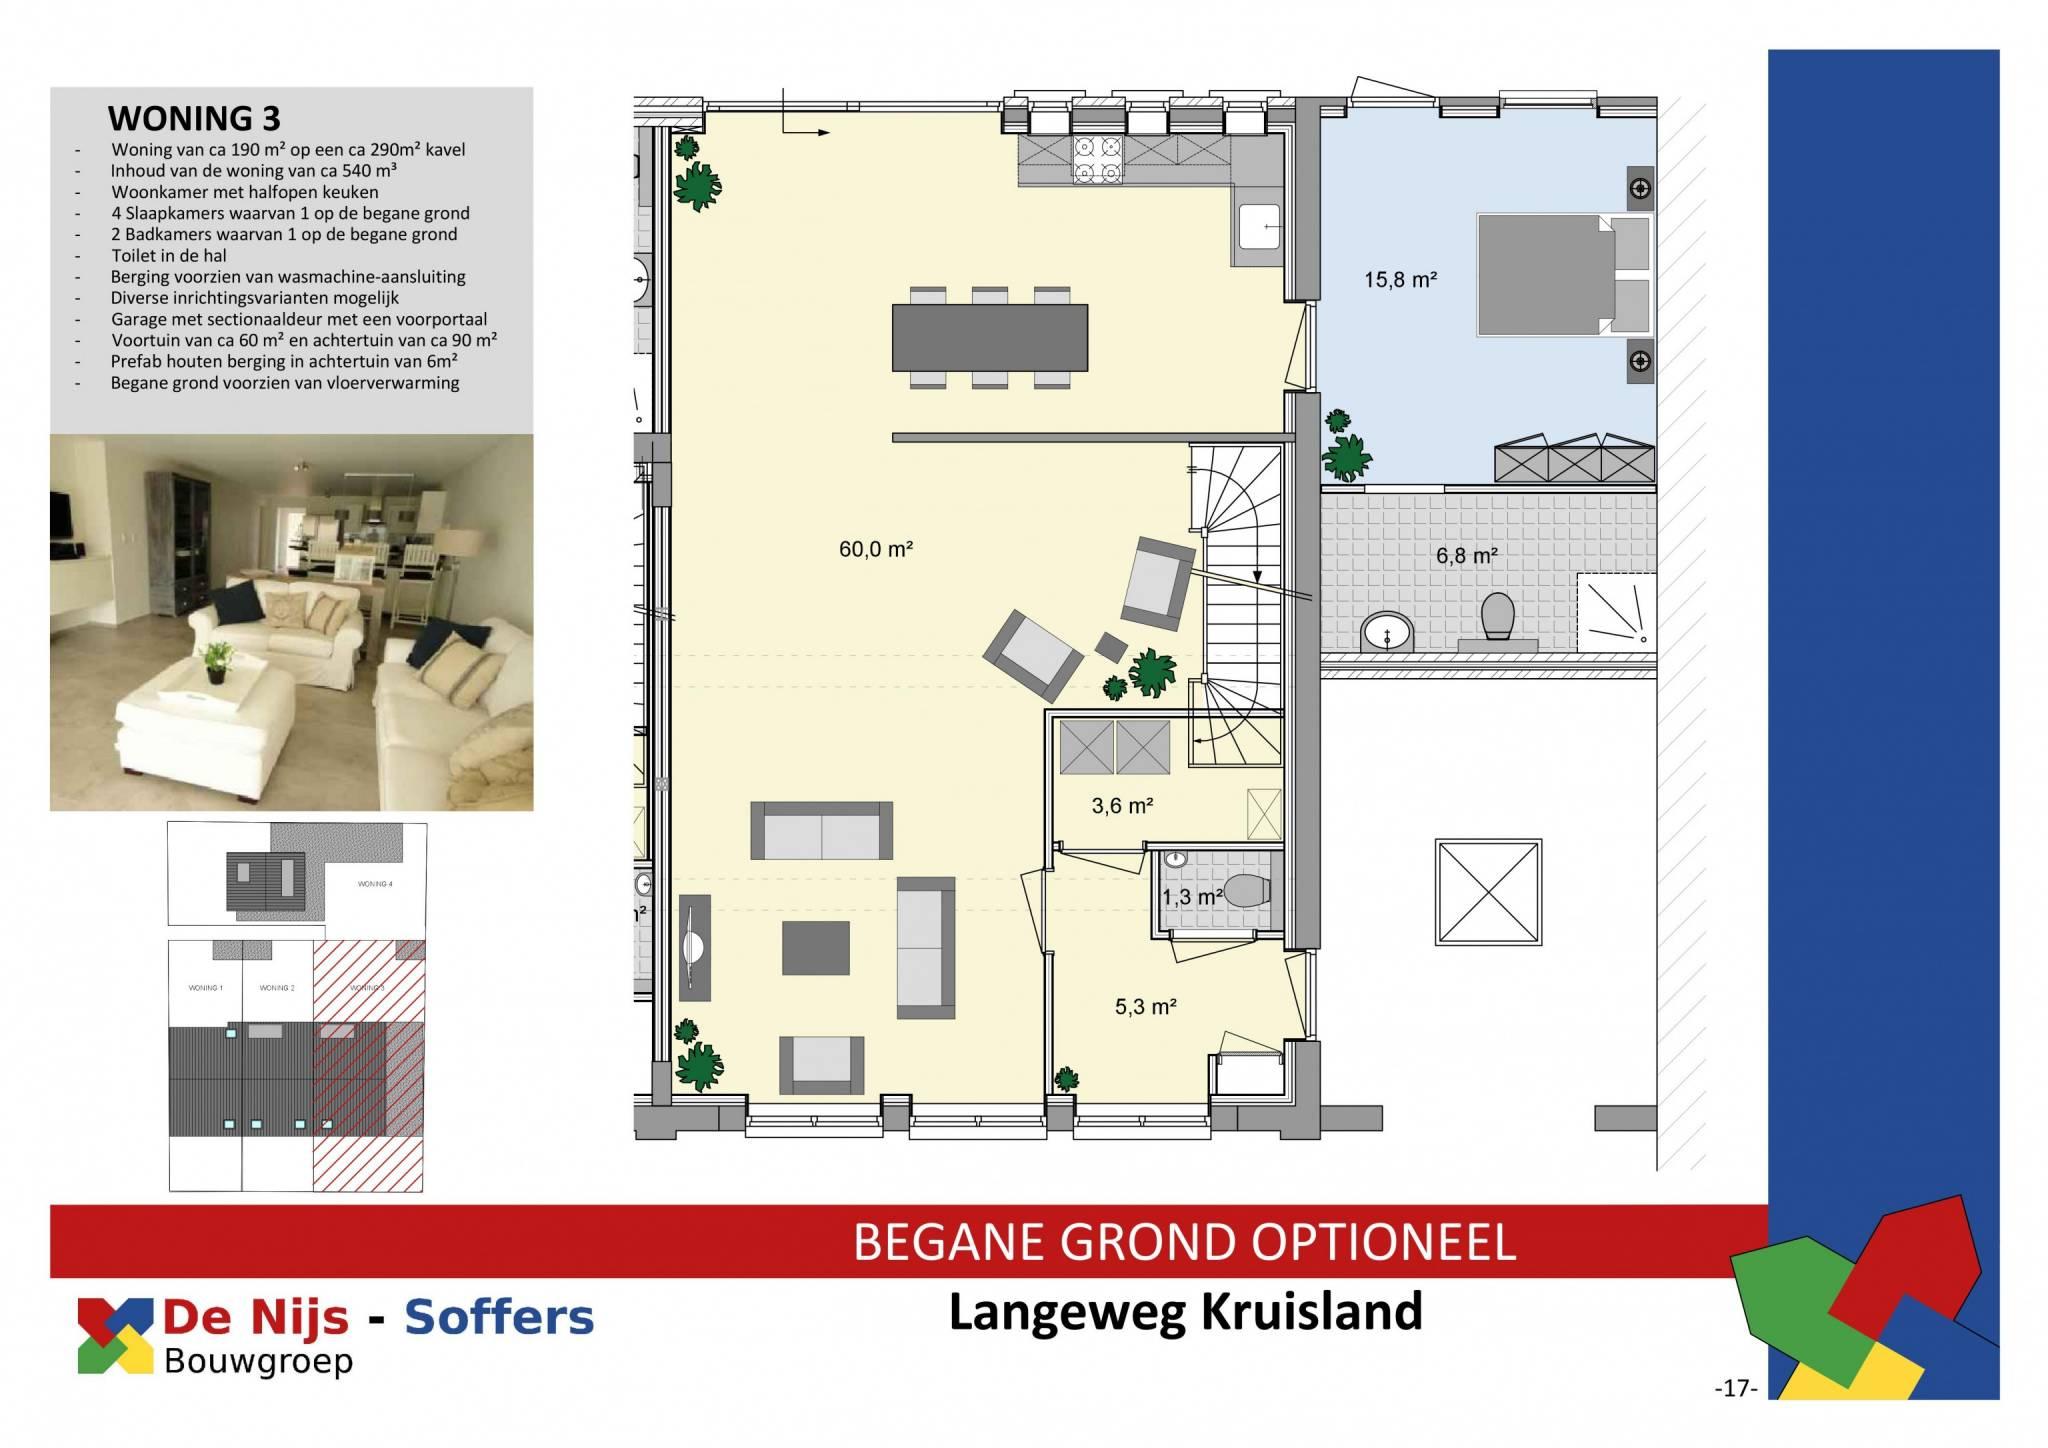 kruisland 25092017 (17)